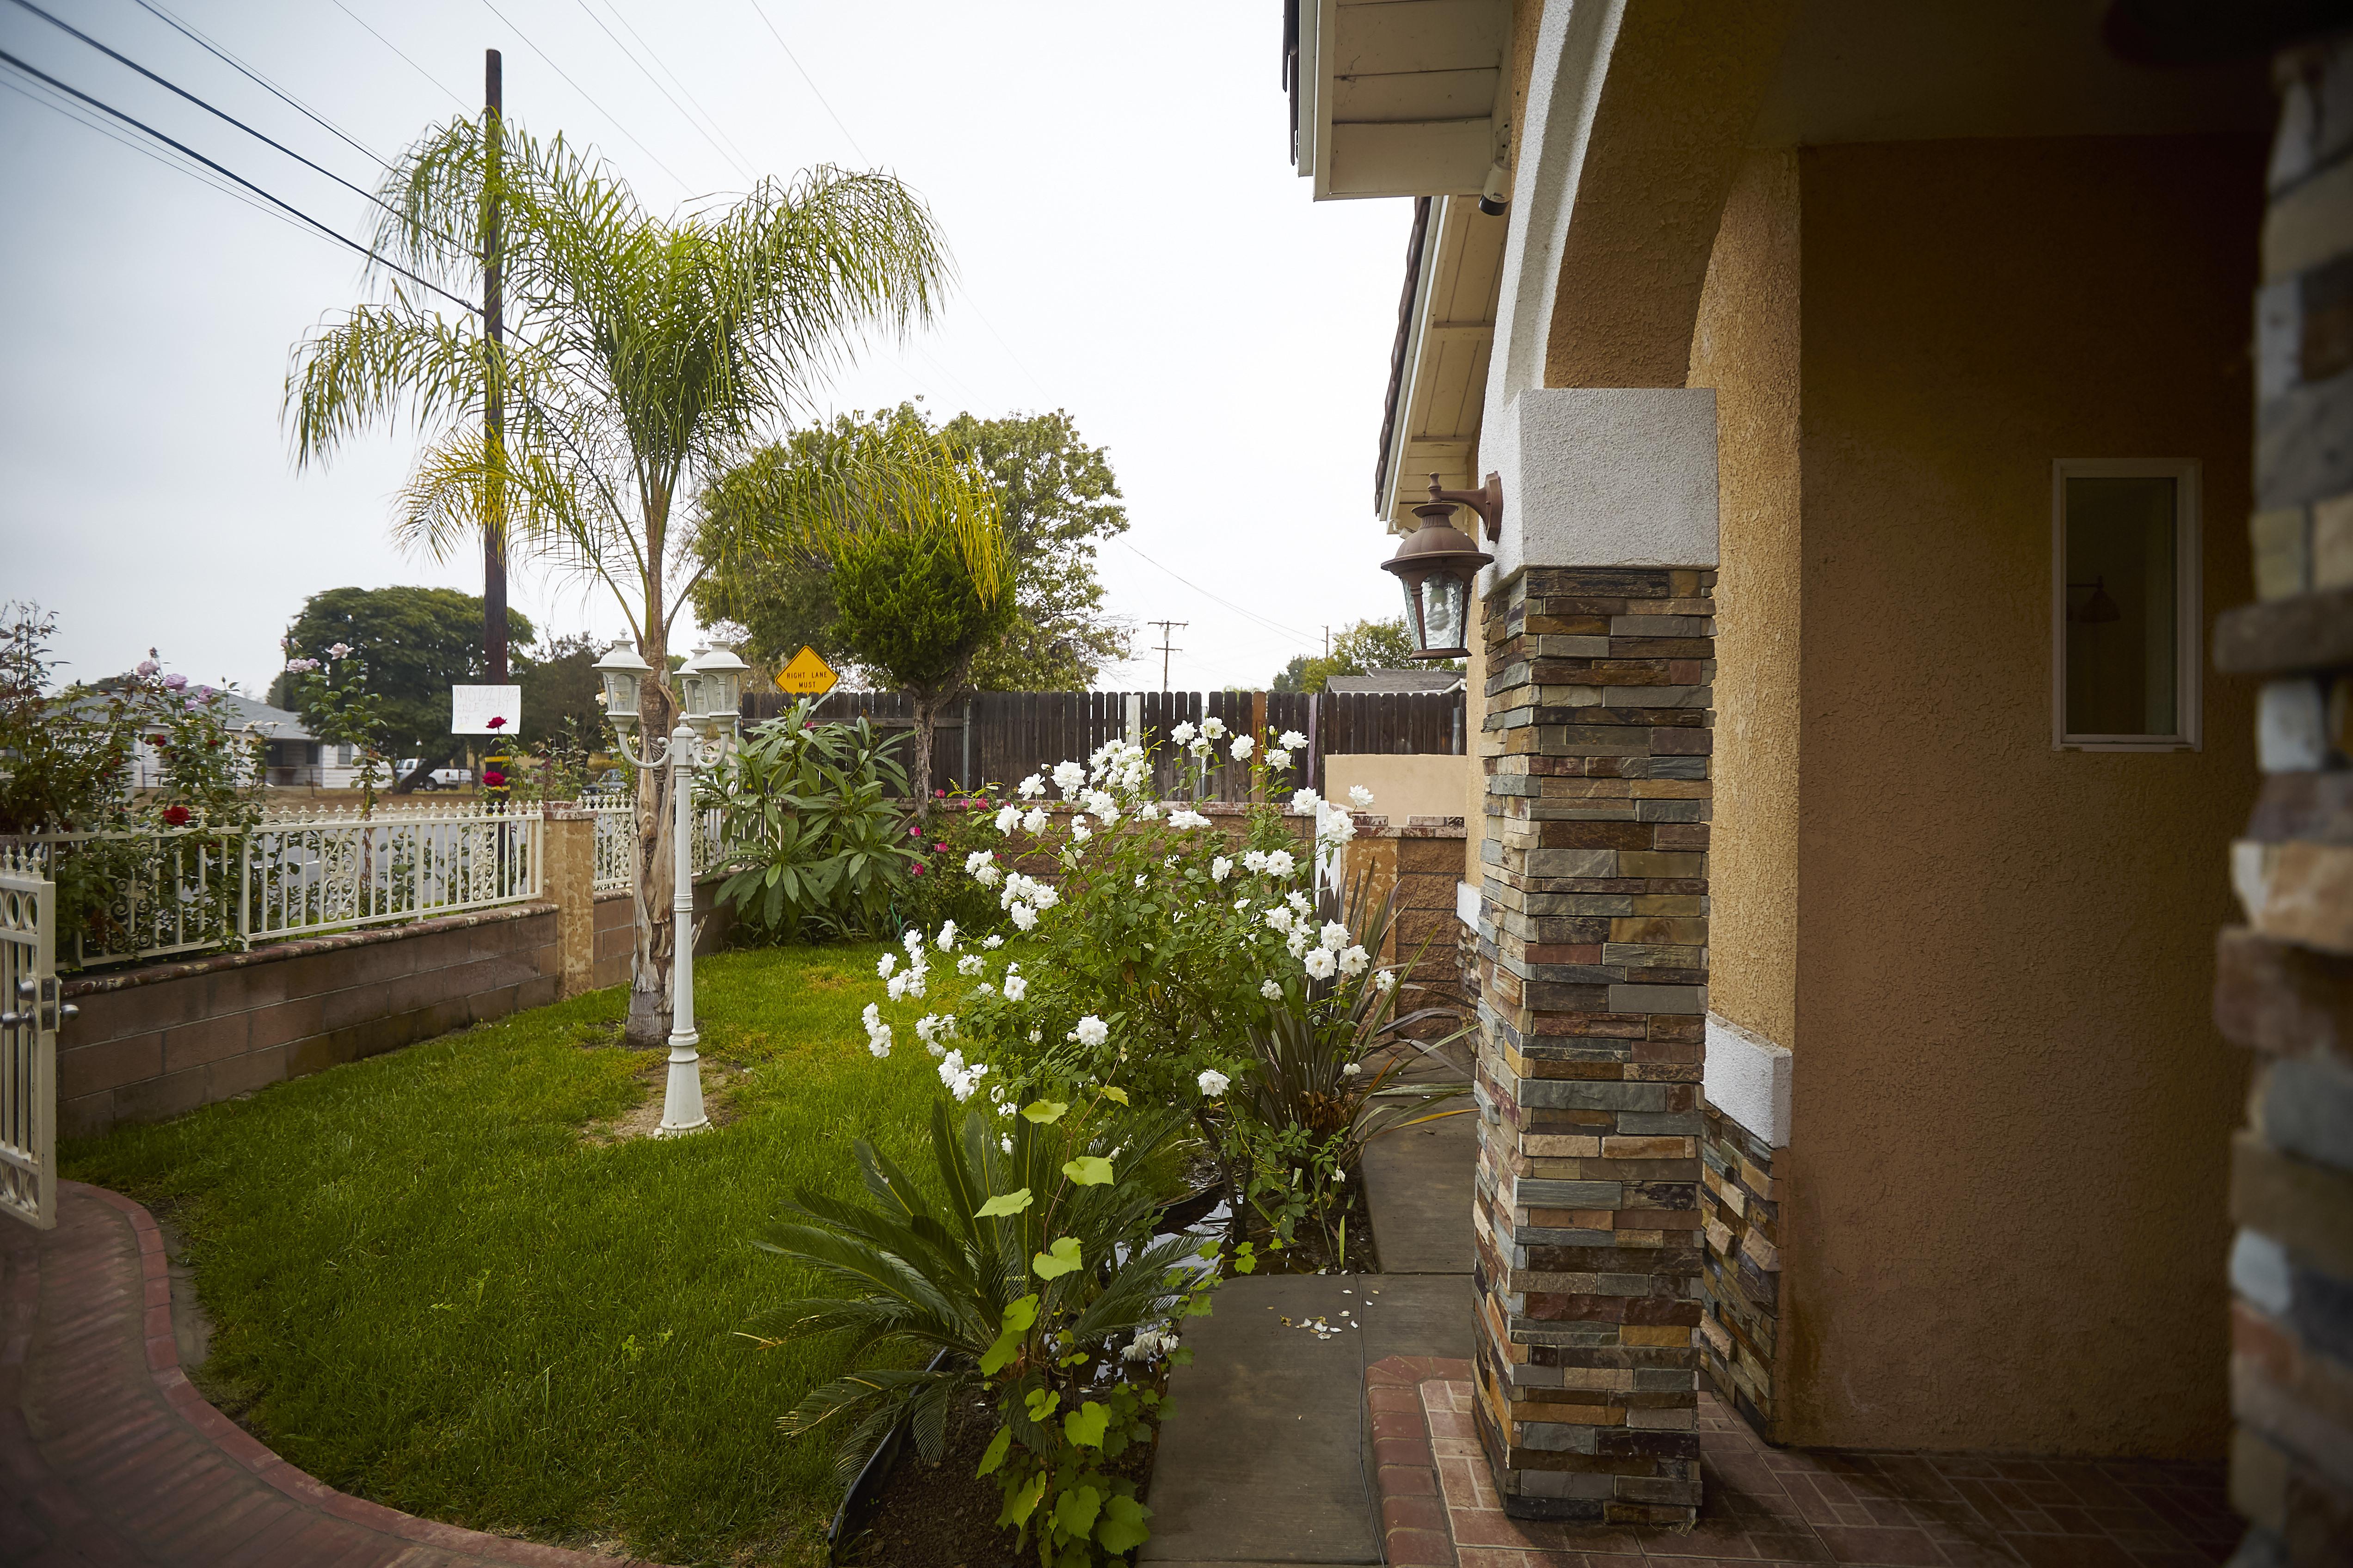 Left side front yard